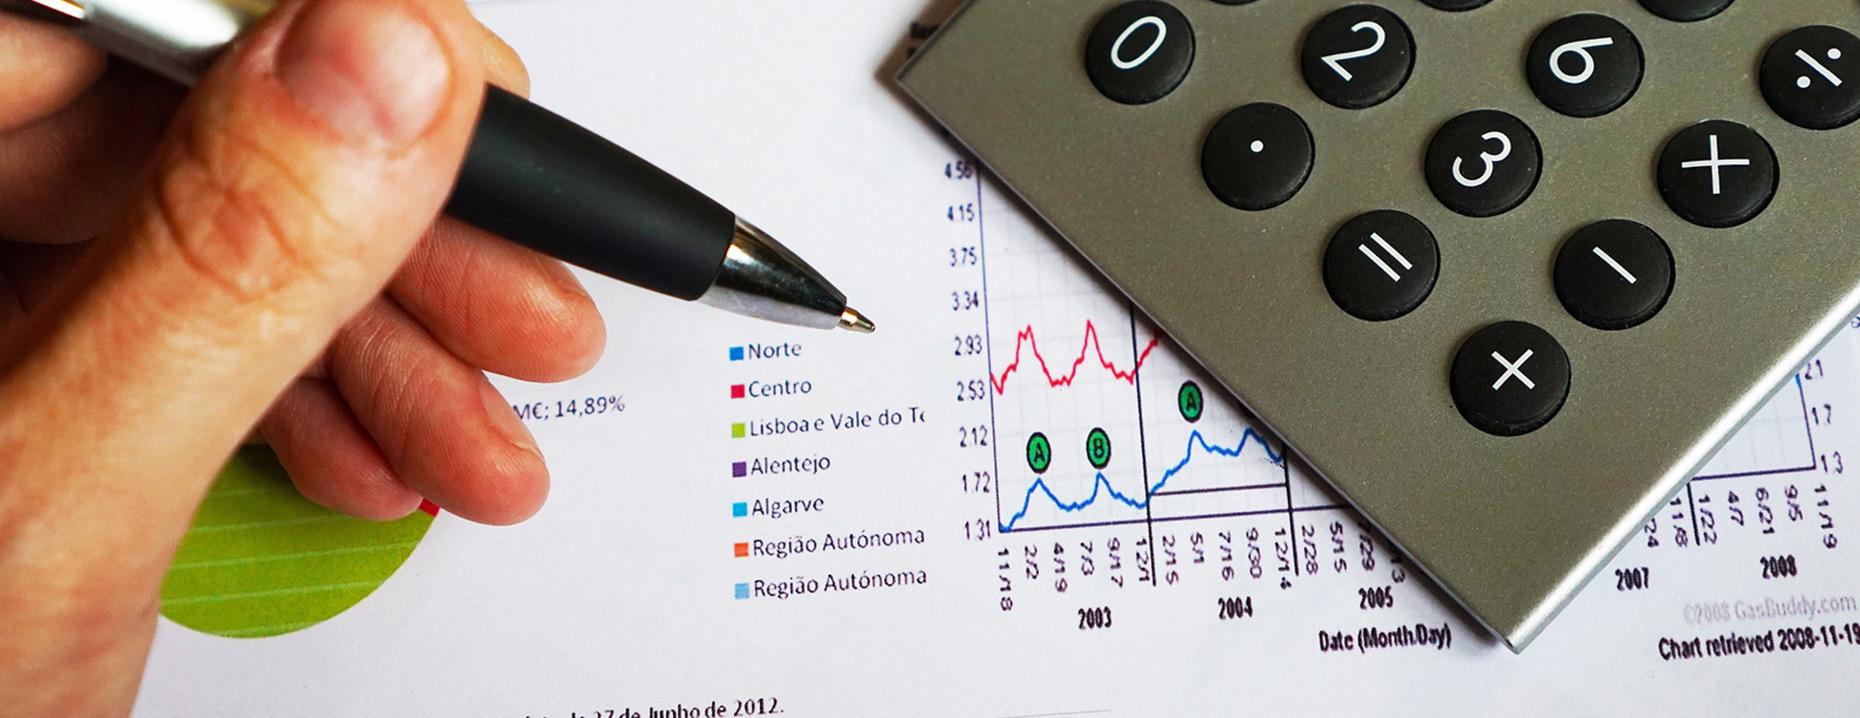 Implementación de metodología Lean, estrategia TPM, proceso S&OP (Sales and Operation Planning), metodología de Transformación Digital, metodología Six Sigma y metodología Lean Manufacturing